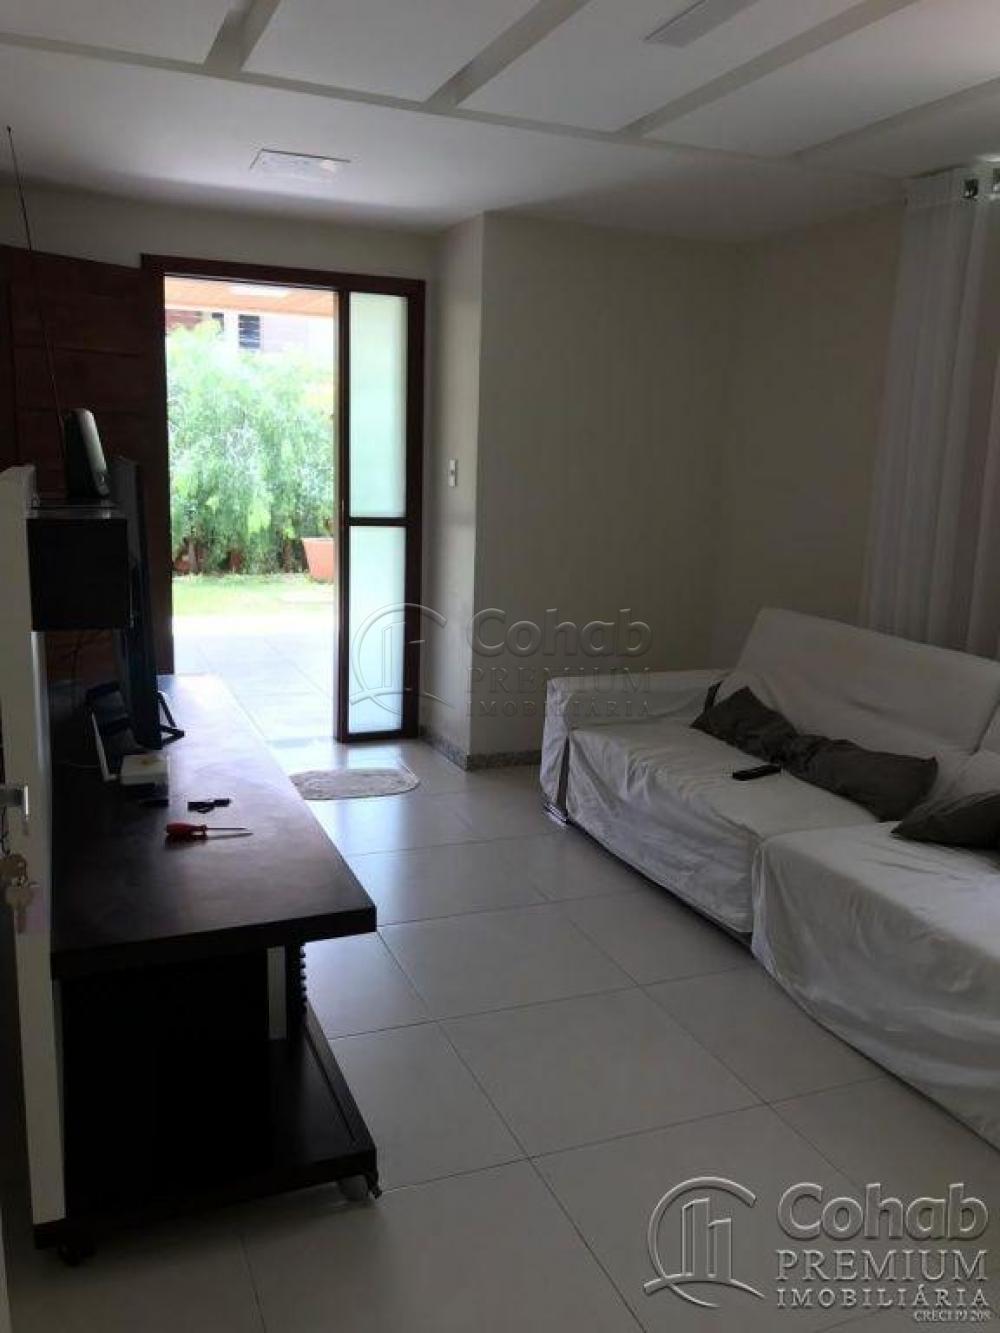 Comprar Casa / Condomínio em Aracaju apenas R$ 1.200.000,00 - Foto 11